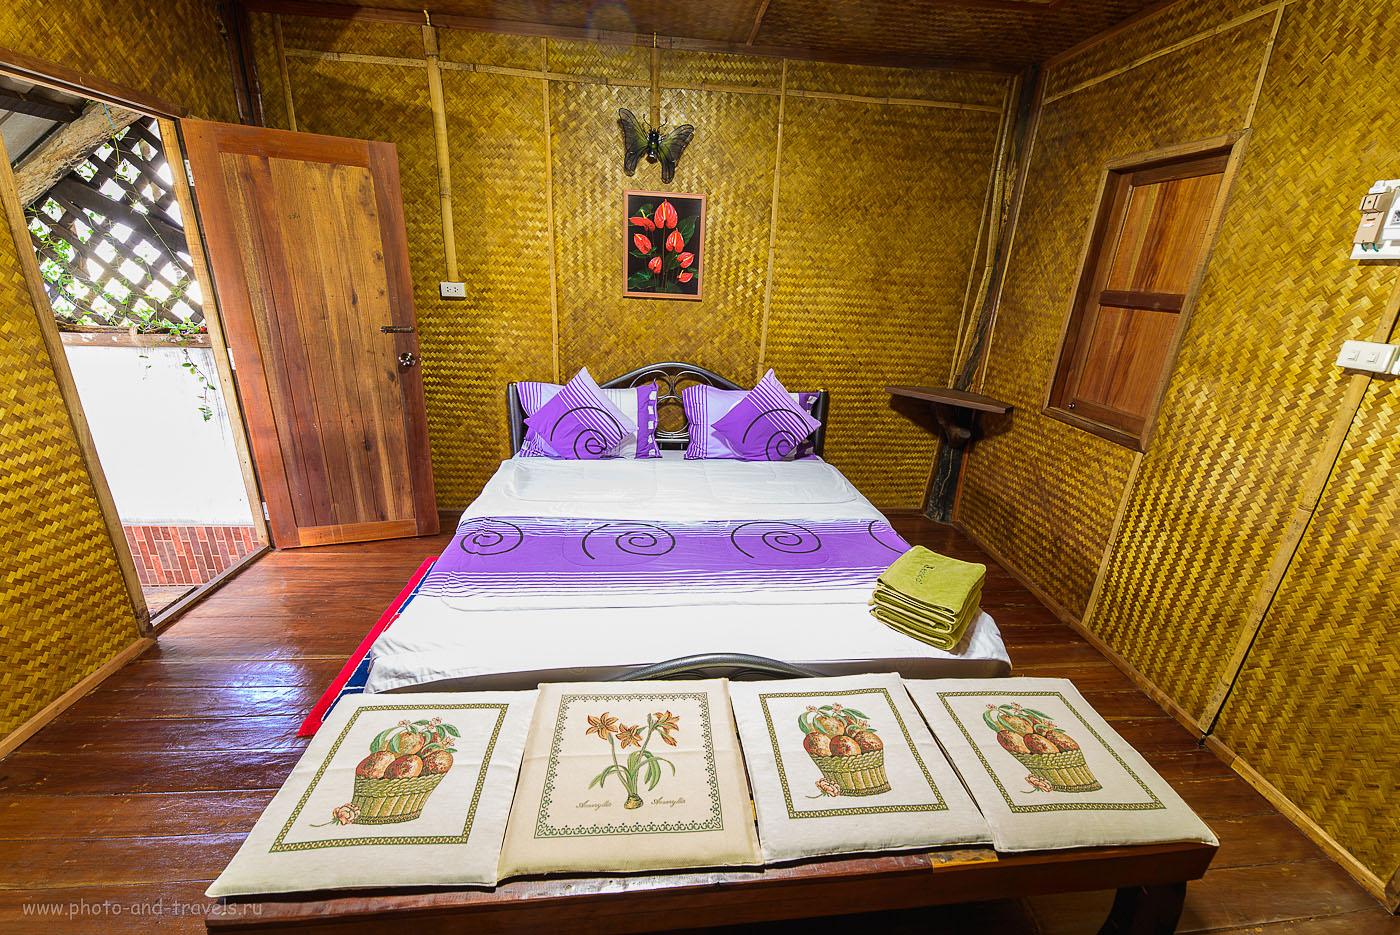 Фото 16. Интерьерная съемка на Никон Д610 и широкоугольный объектив Самъянг 14/2,8. Гостиница Monpai Resort в городе Ранонг в Таиланде (100, 14, 9.0, 30 секунд). Отзывы туристов